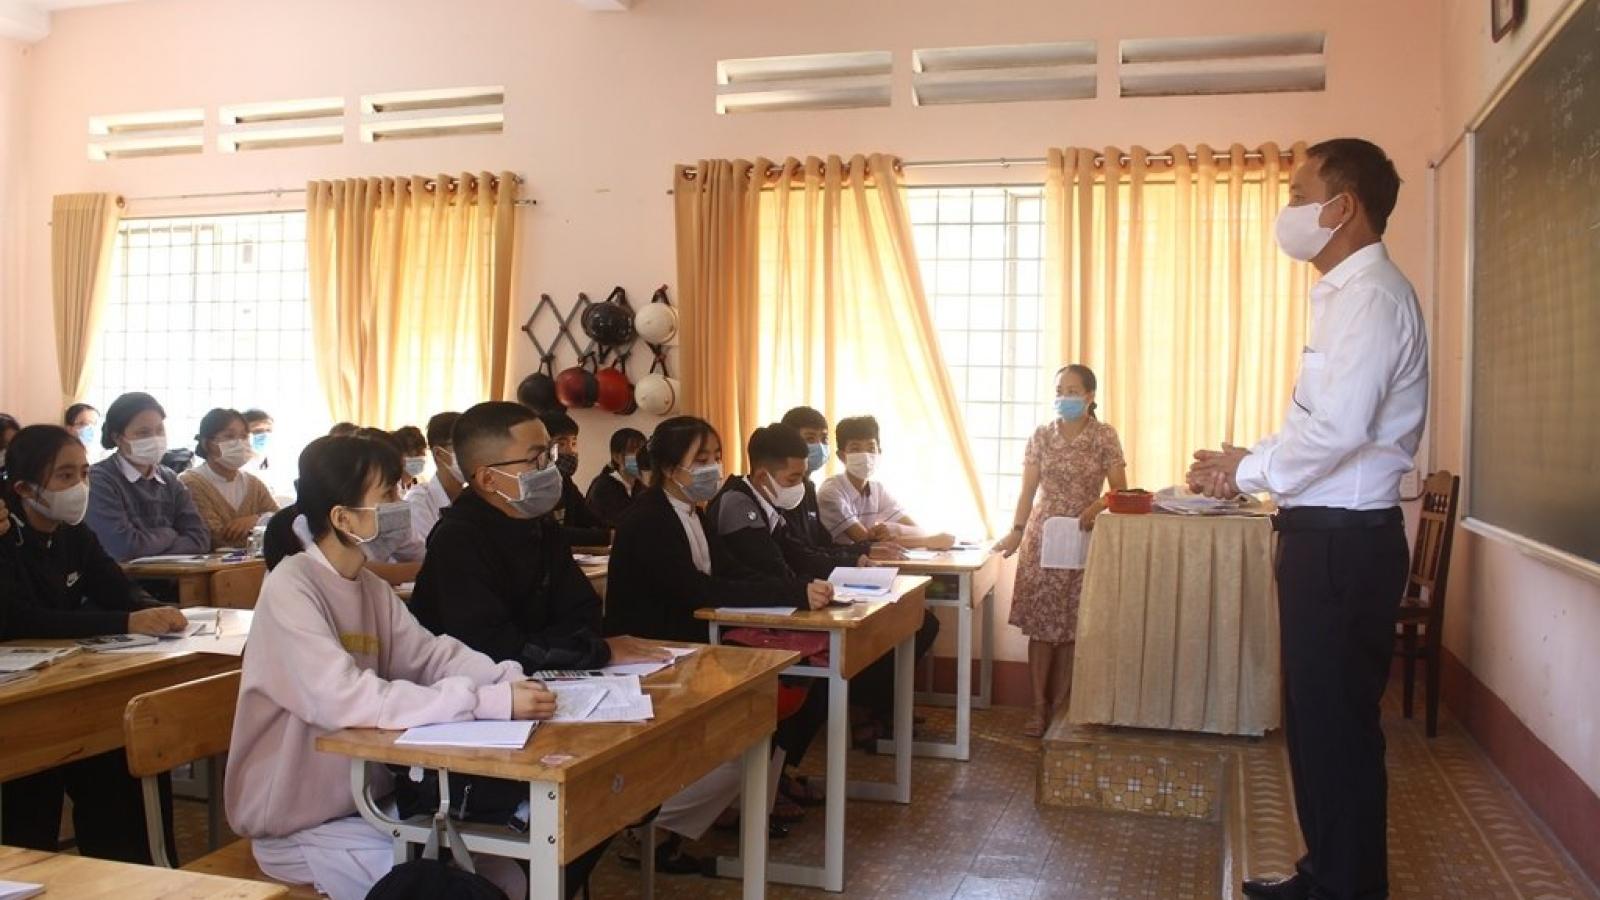 ĐắkLắk đẩy nhanh tiến độ hoàn thành thi học kỳ II trước ngày13/5